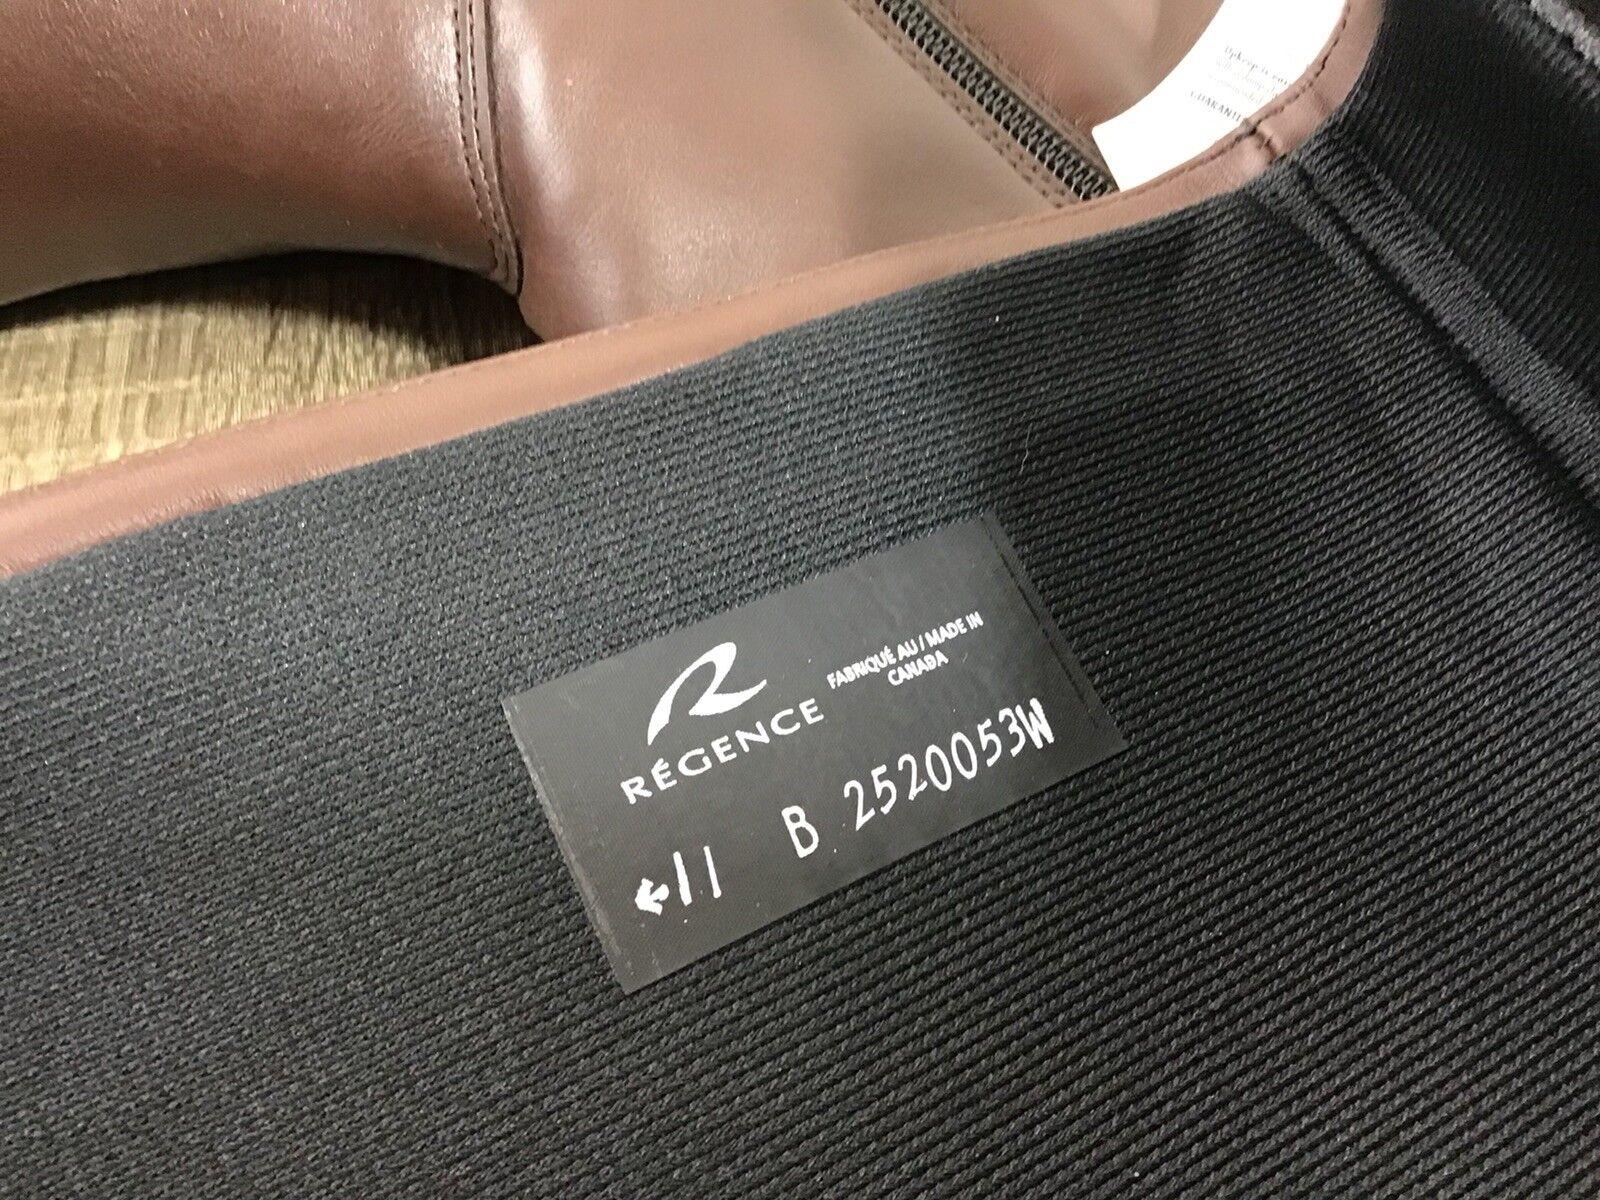 Regence Braun Waterproof High Leder Stiefel Niedrig Knee High Waterproof NEW Größe 11 Lined 4b9872